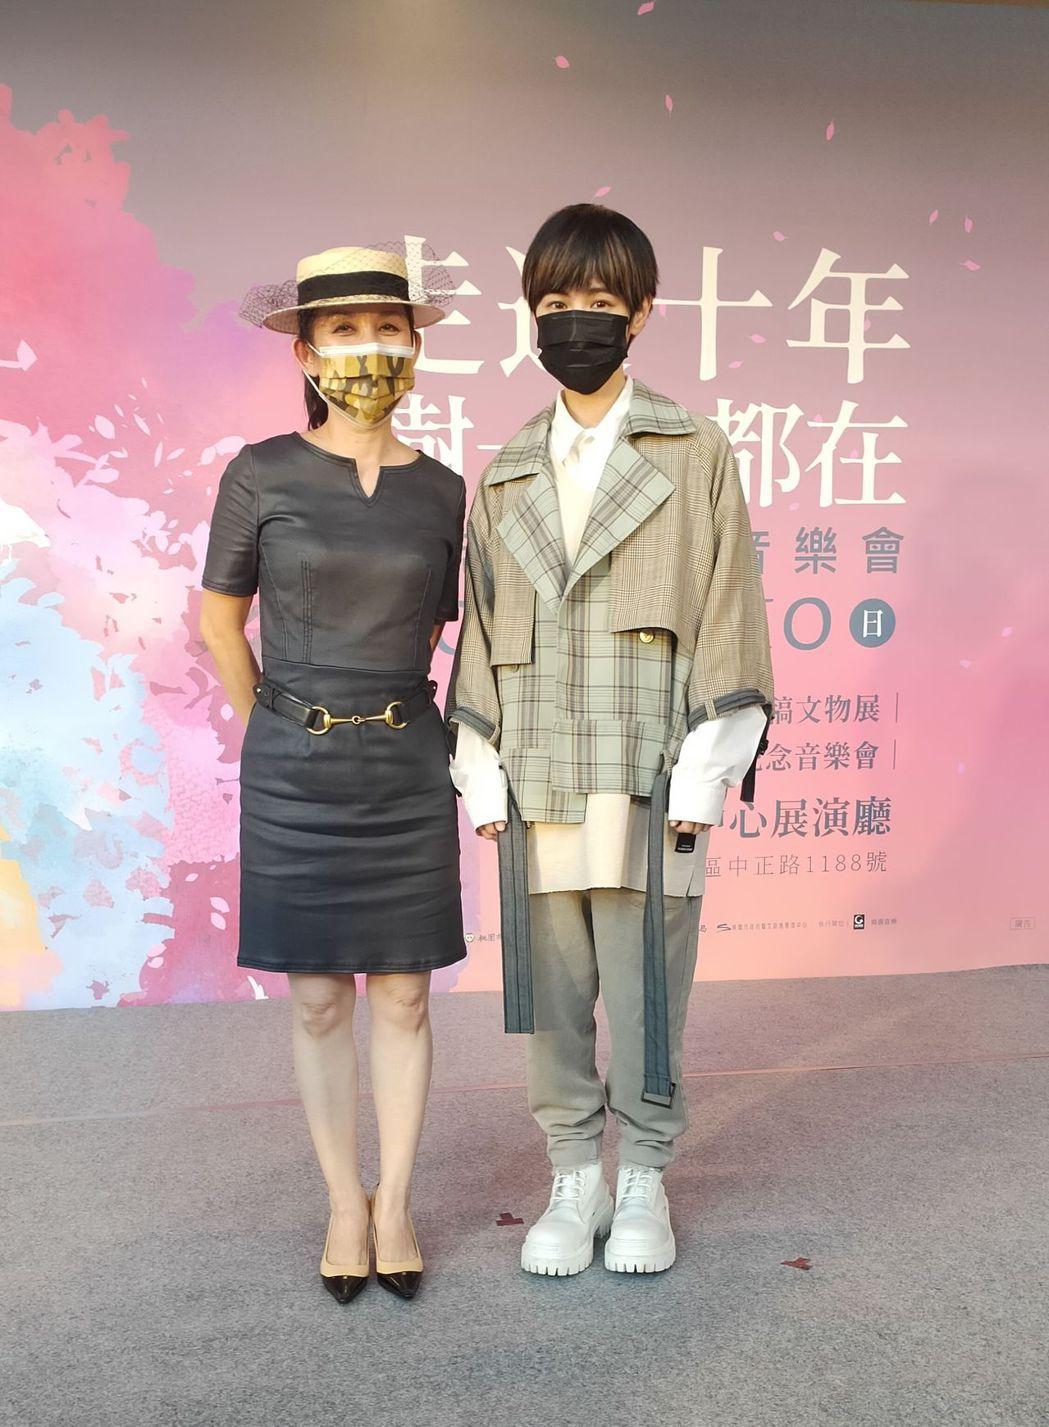 陳志遠遺孀陳若葵(左)歡迎魏嘉瑩參演「我不在,樹還在-陳志遠紀念音樂會」演出。圖